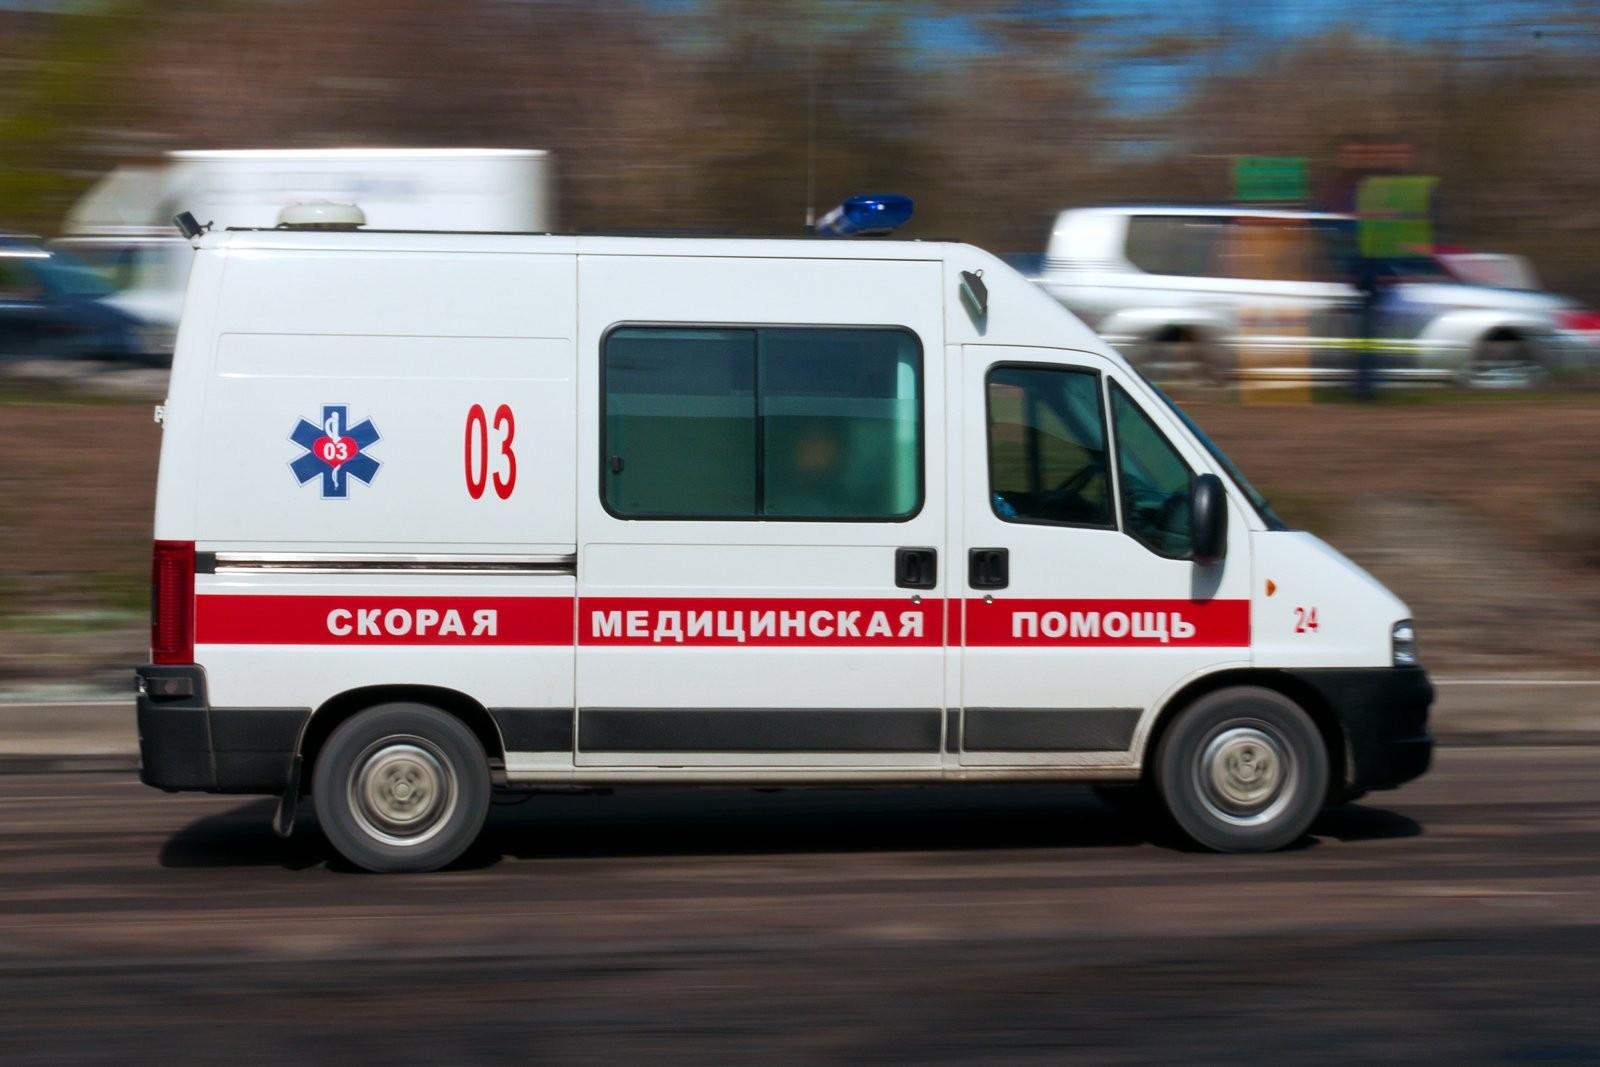 специалистов различных фельдшер скорой помощи в московской области цены предложения